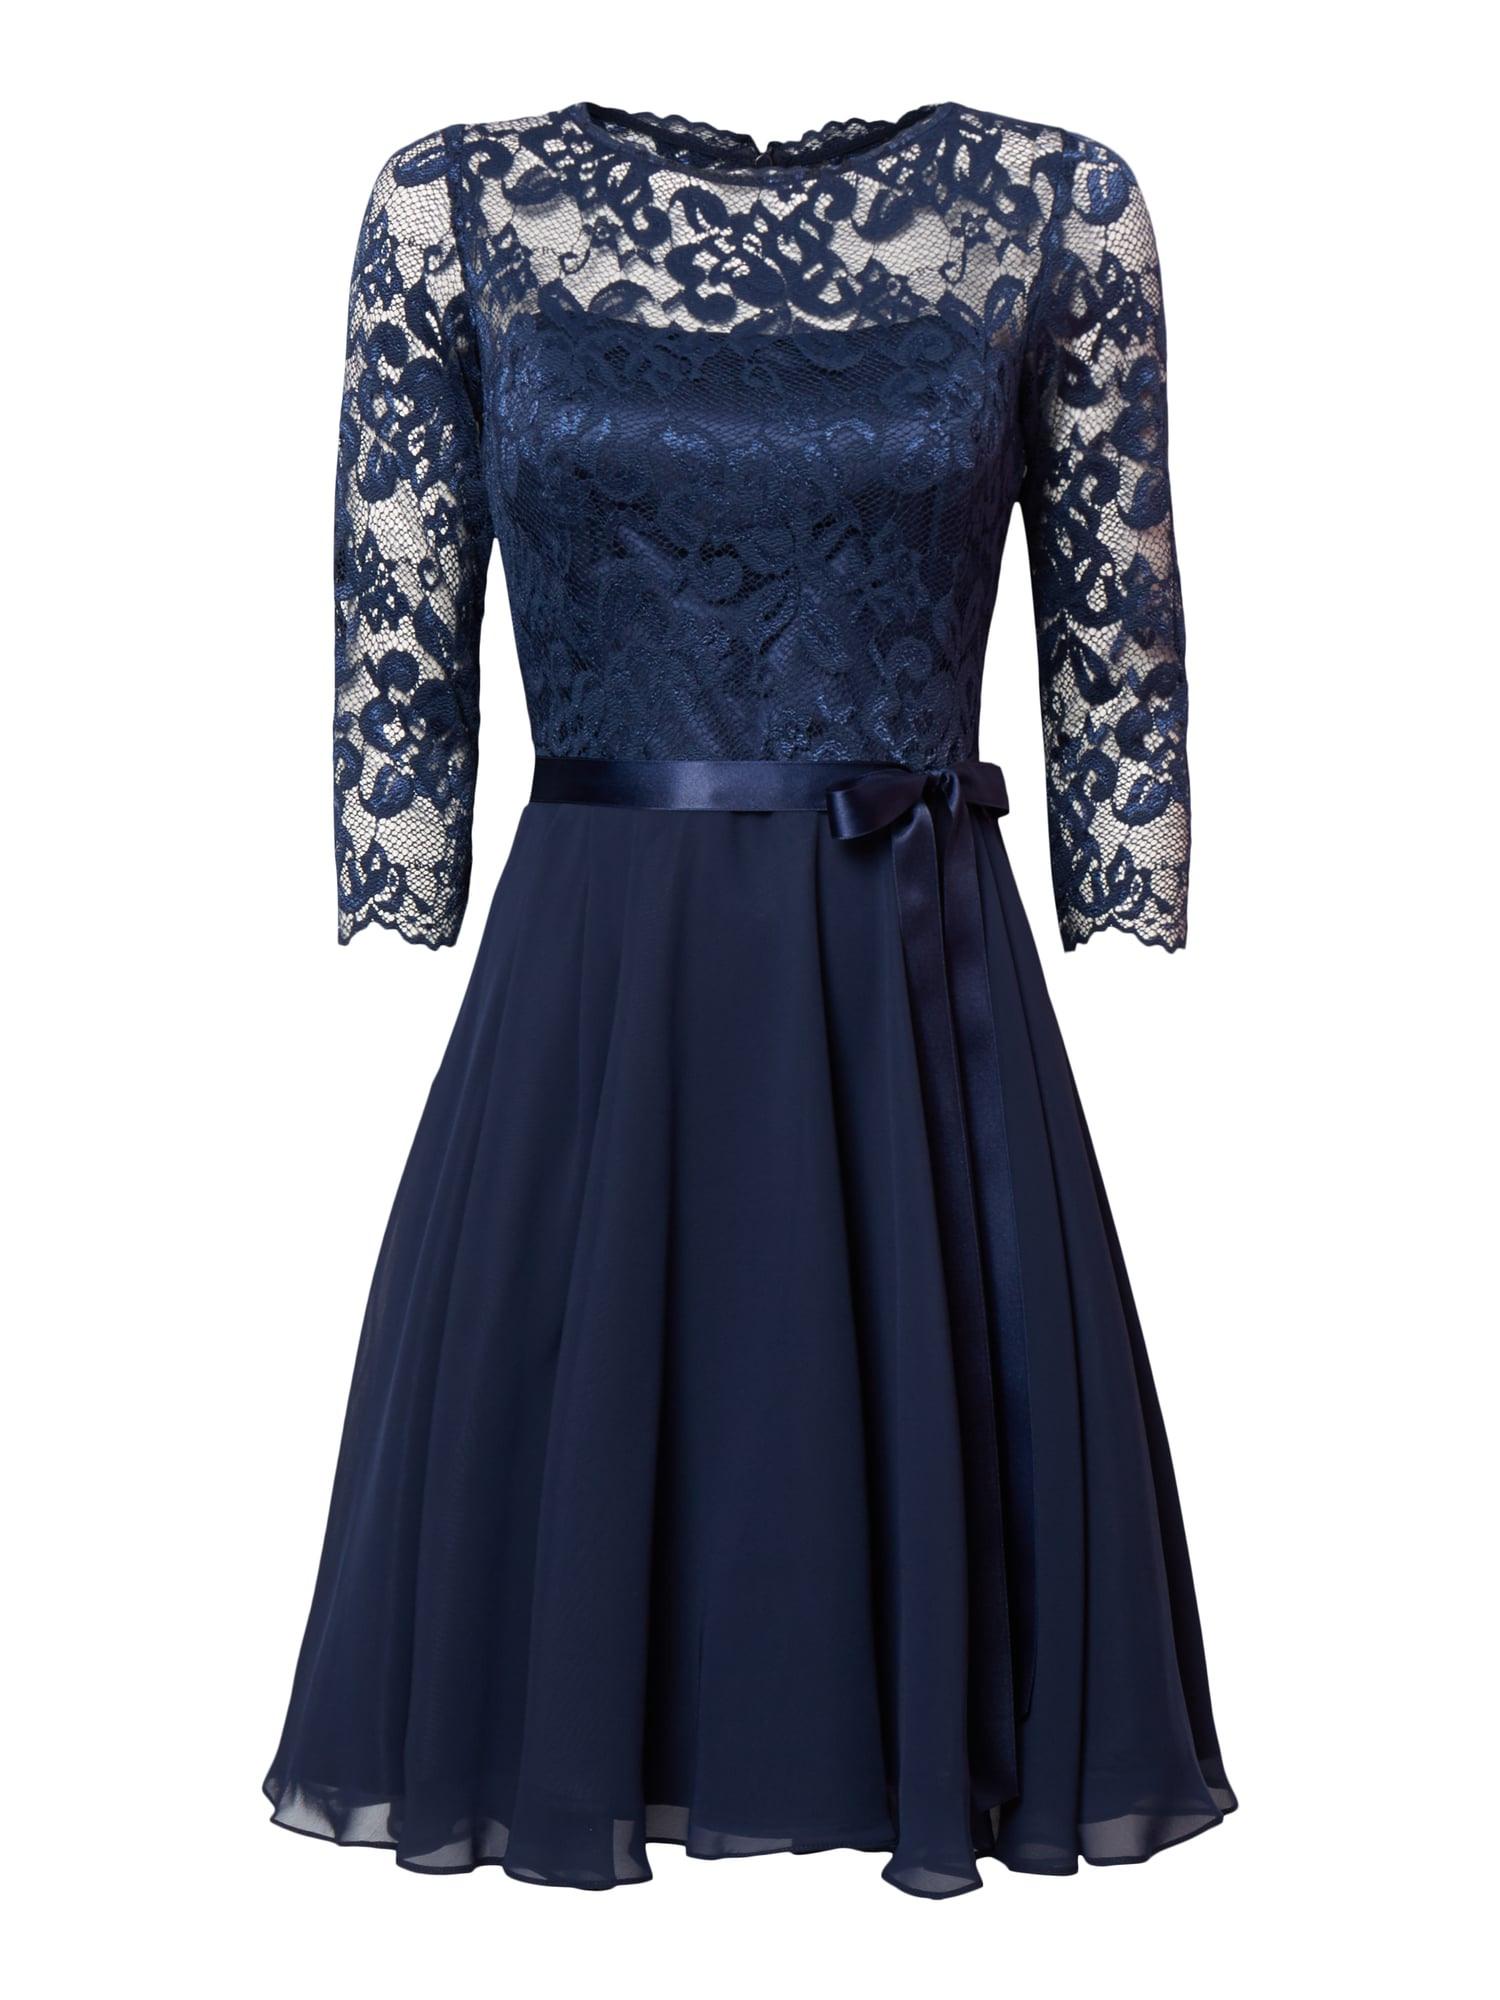 Elegant Dunkelblaues Kleid Mit Spitze Stylish17 Ausgezeichnet Dunkelblaues Kleid Mit Spitze Galerie